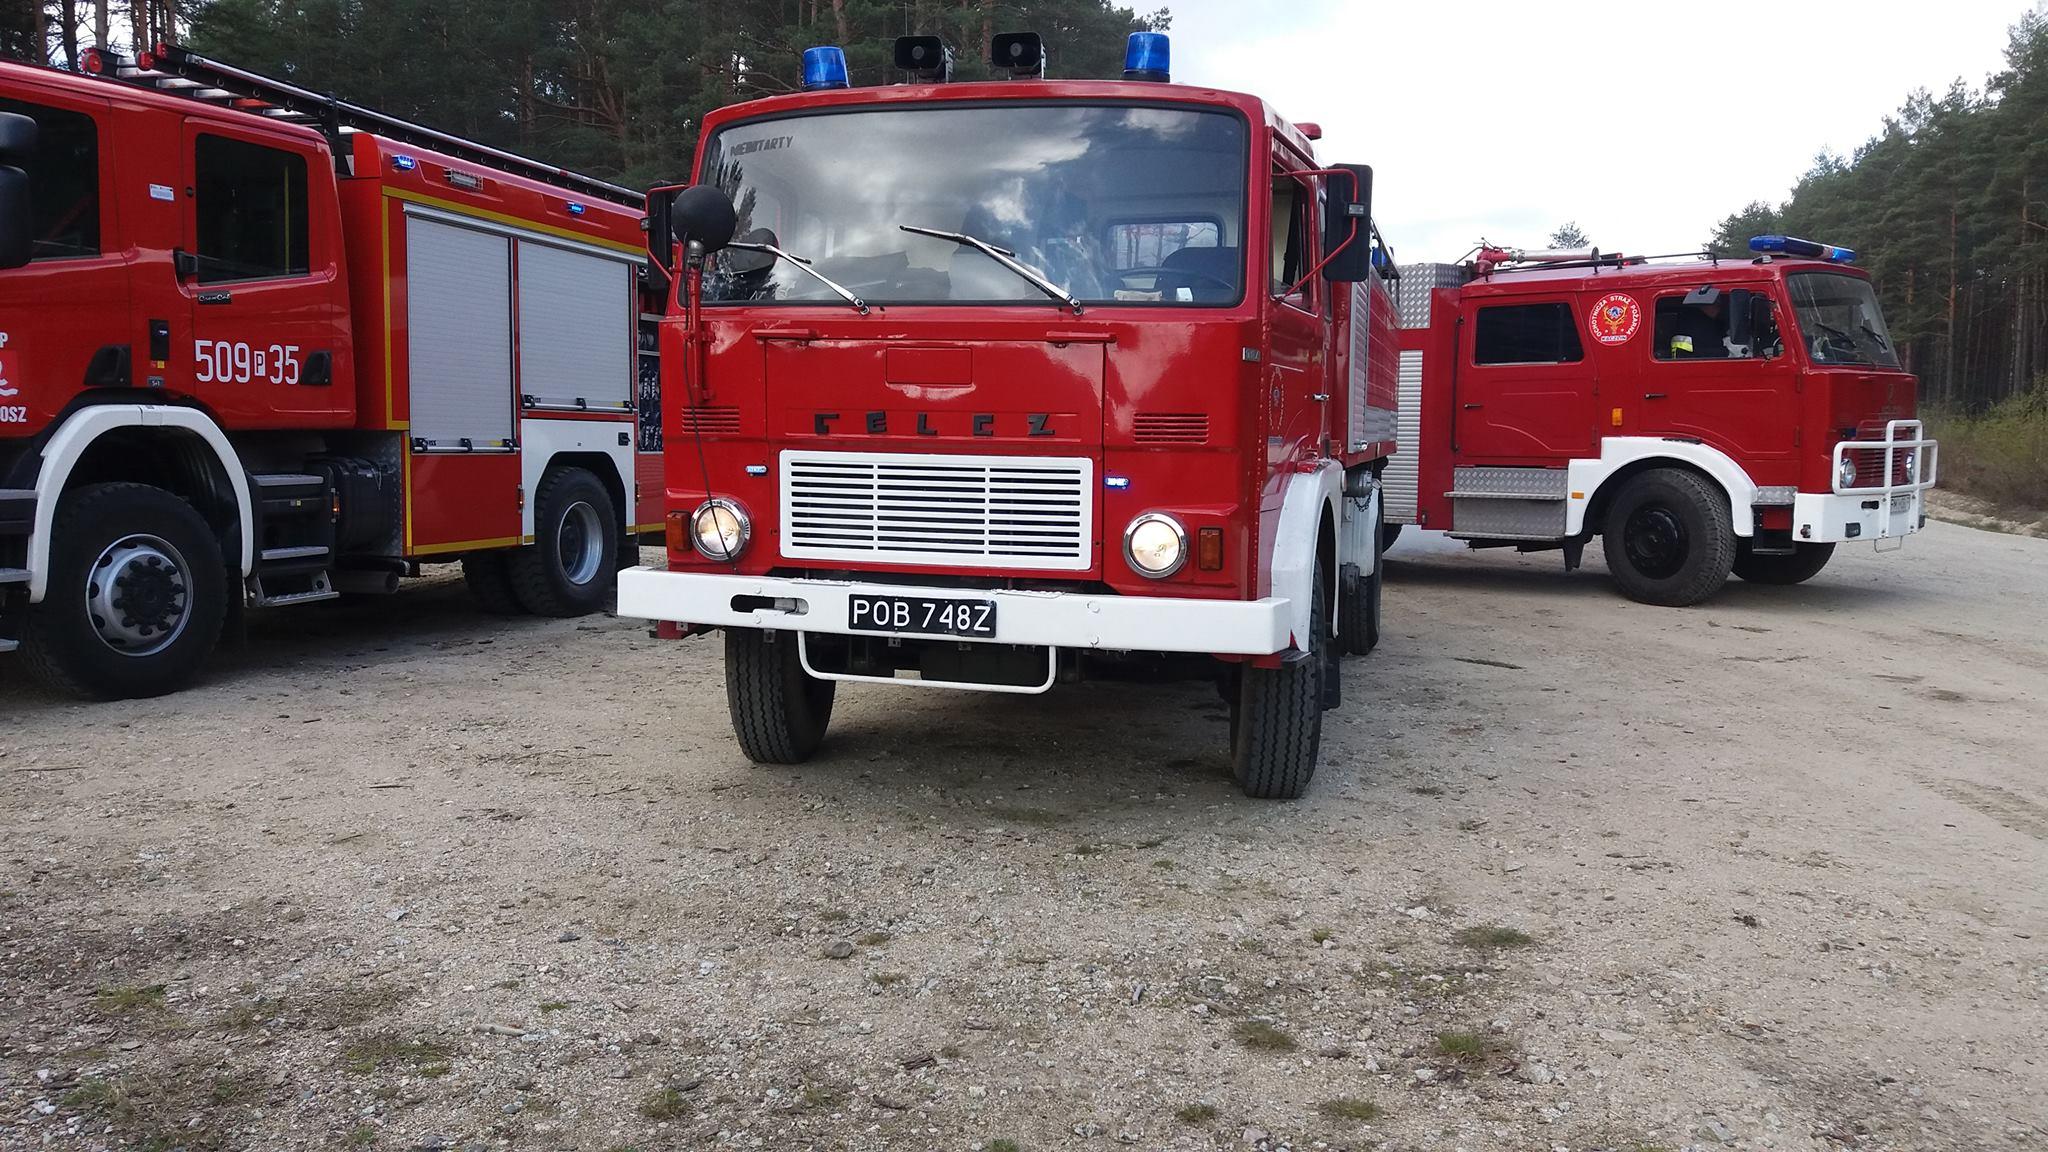 osp sieraków - FB: Ochotnicza Straż Pożarna w Sierakowie